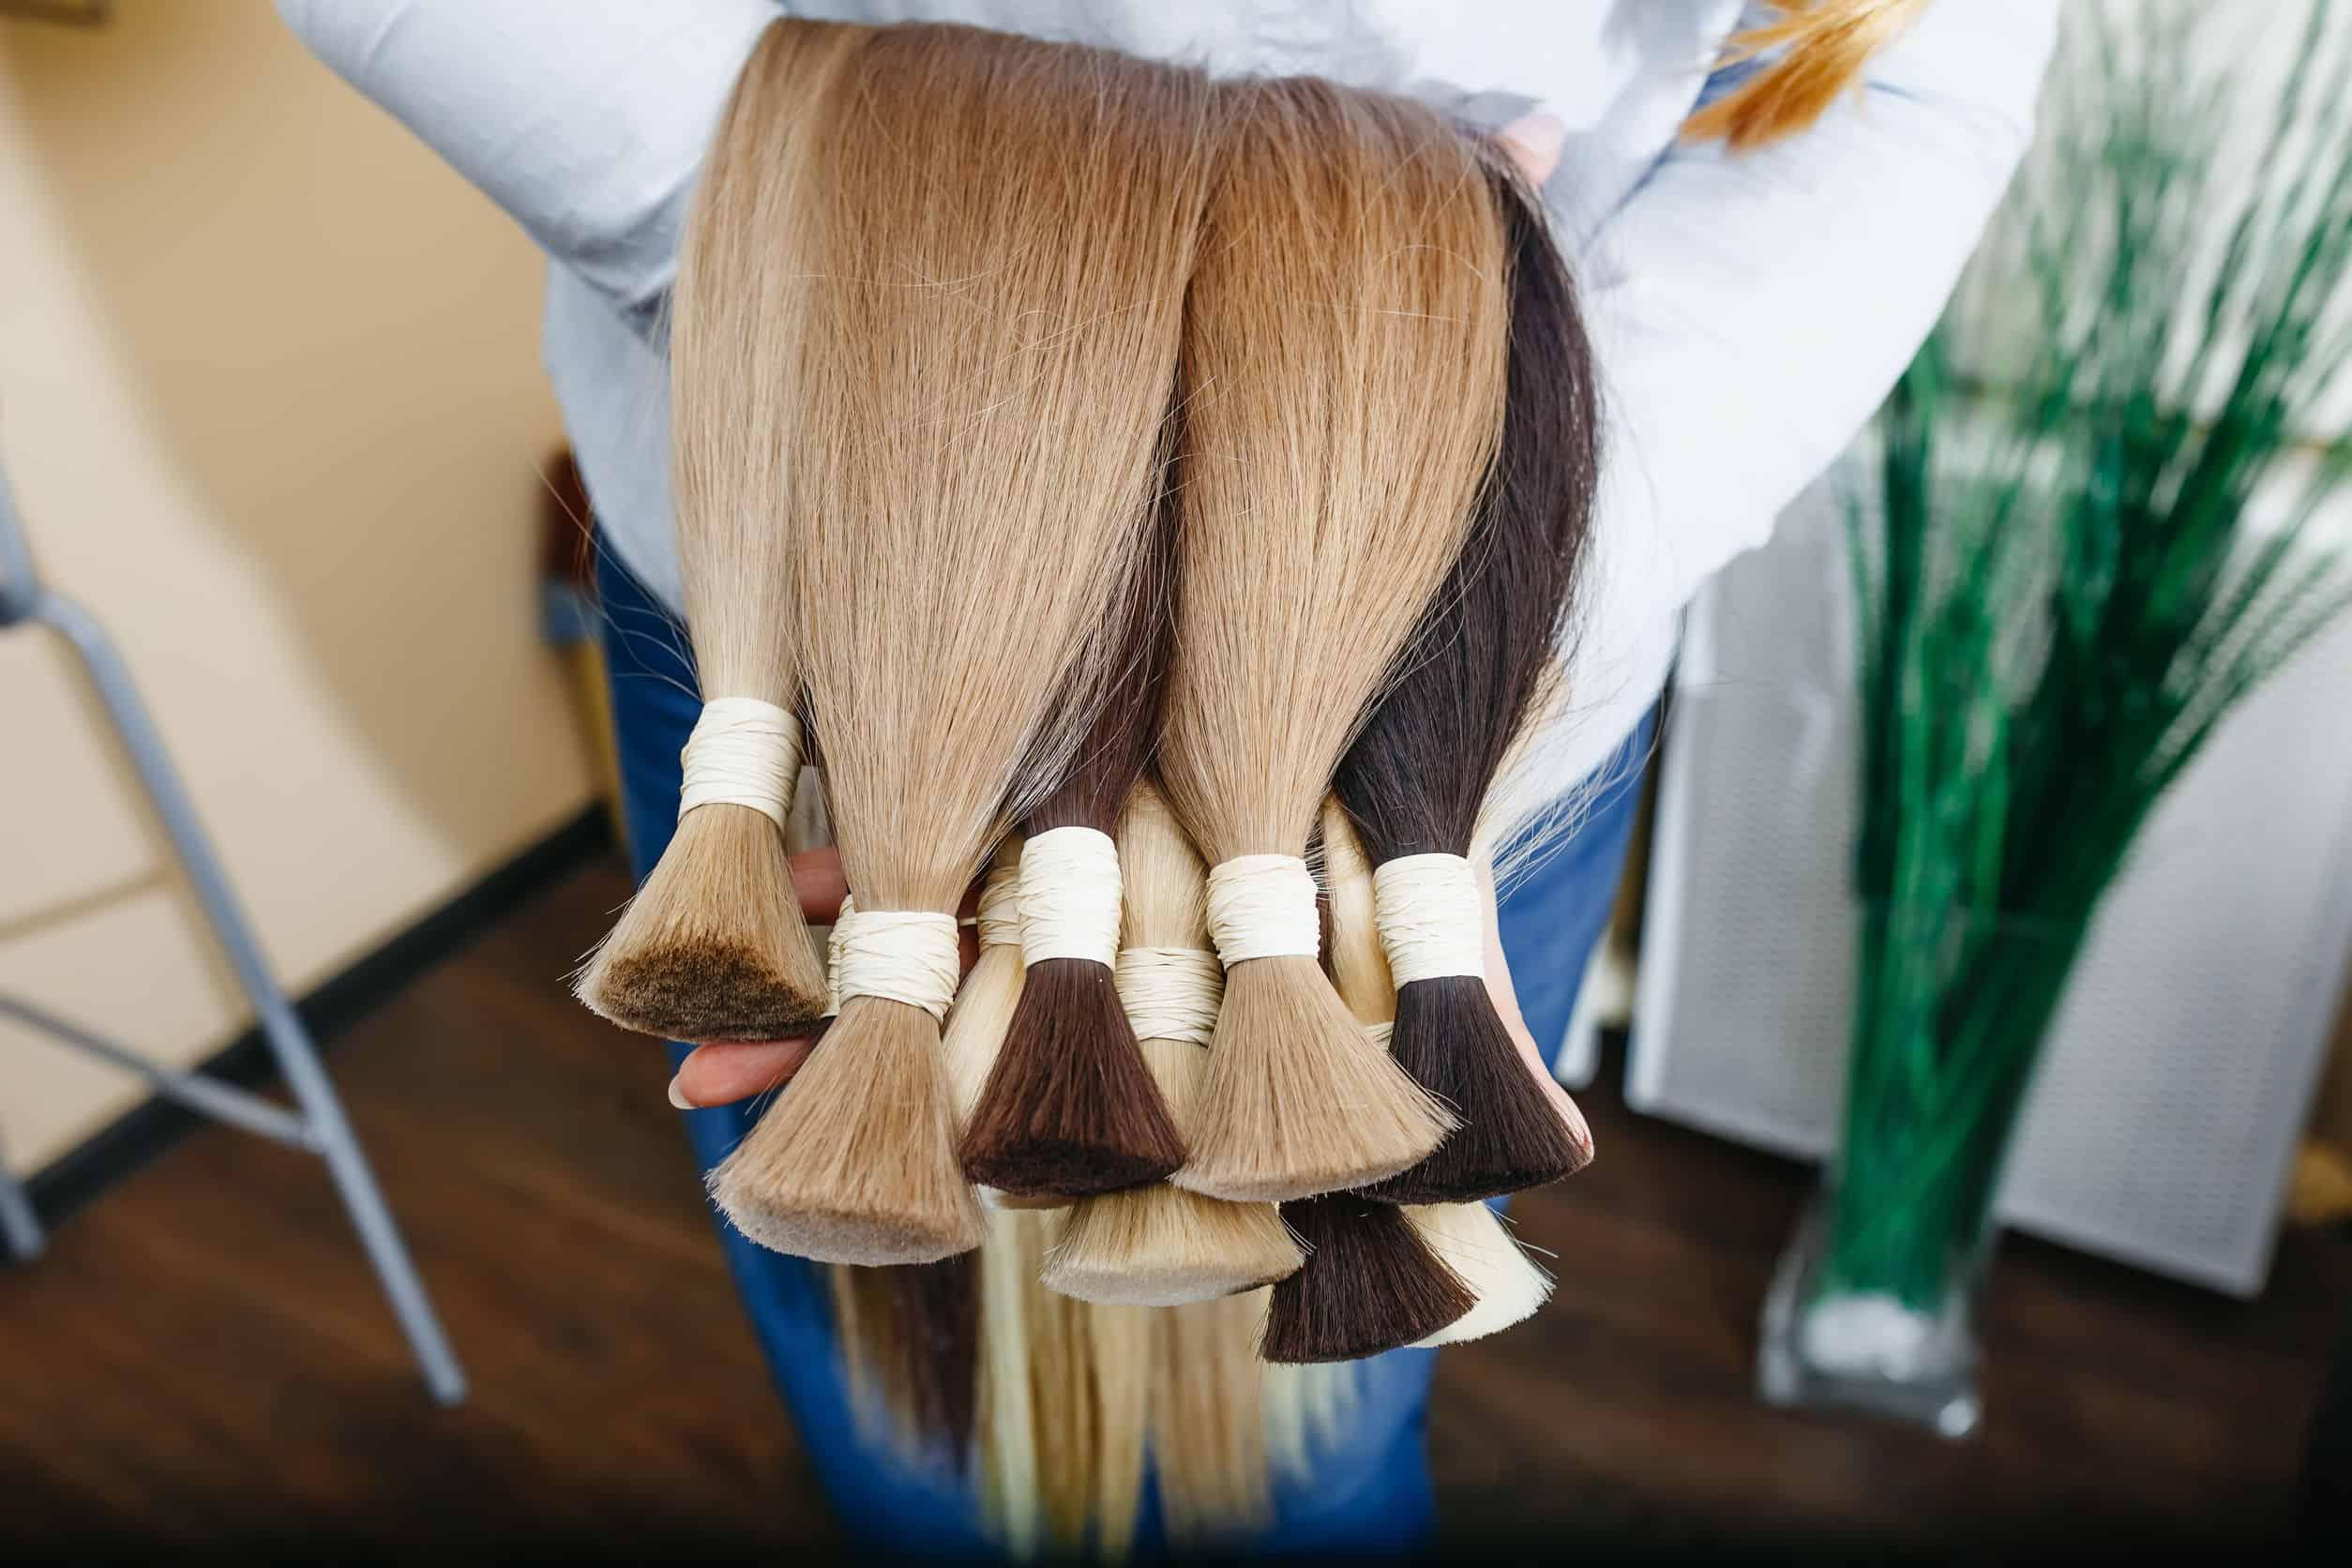 Migliori extension capelli 2020: Guida all'acquisto